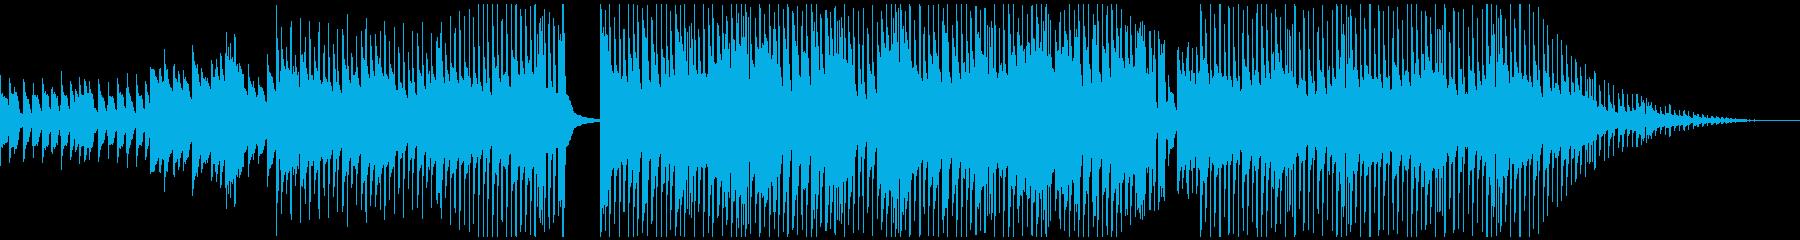 ラテンピアノ & トラップの再生済みの波形